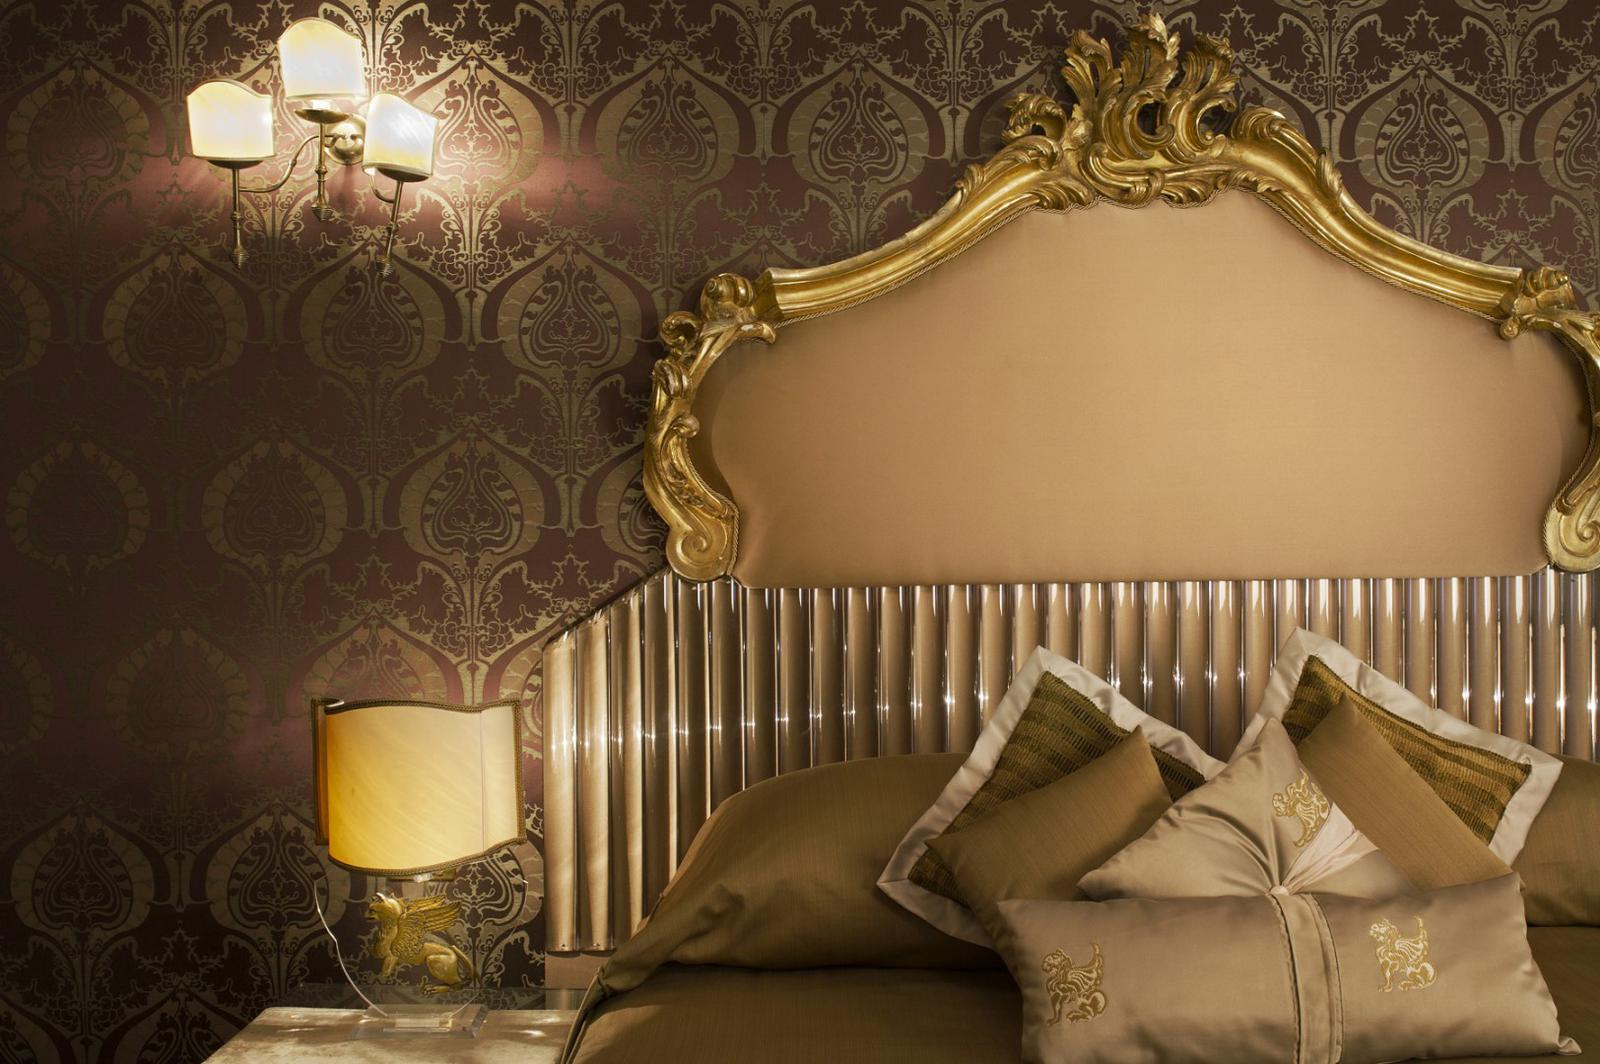 Cliccate sulla foto per vedere le migliore offerte all'Hotel Metropole